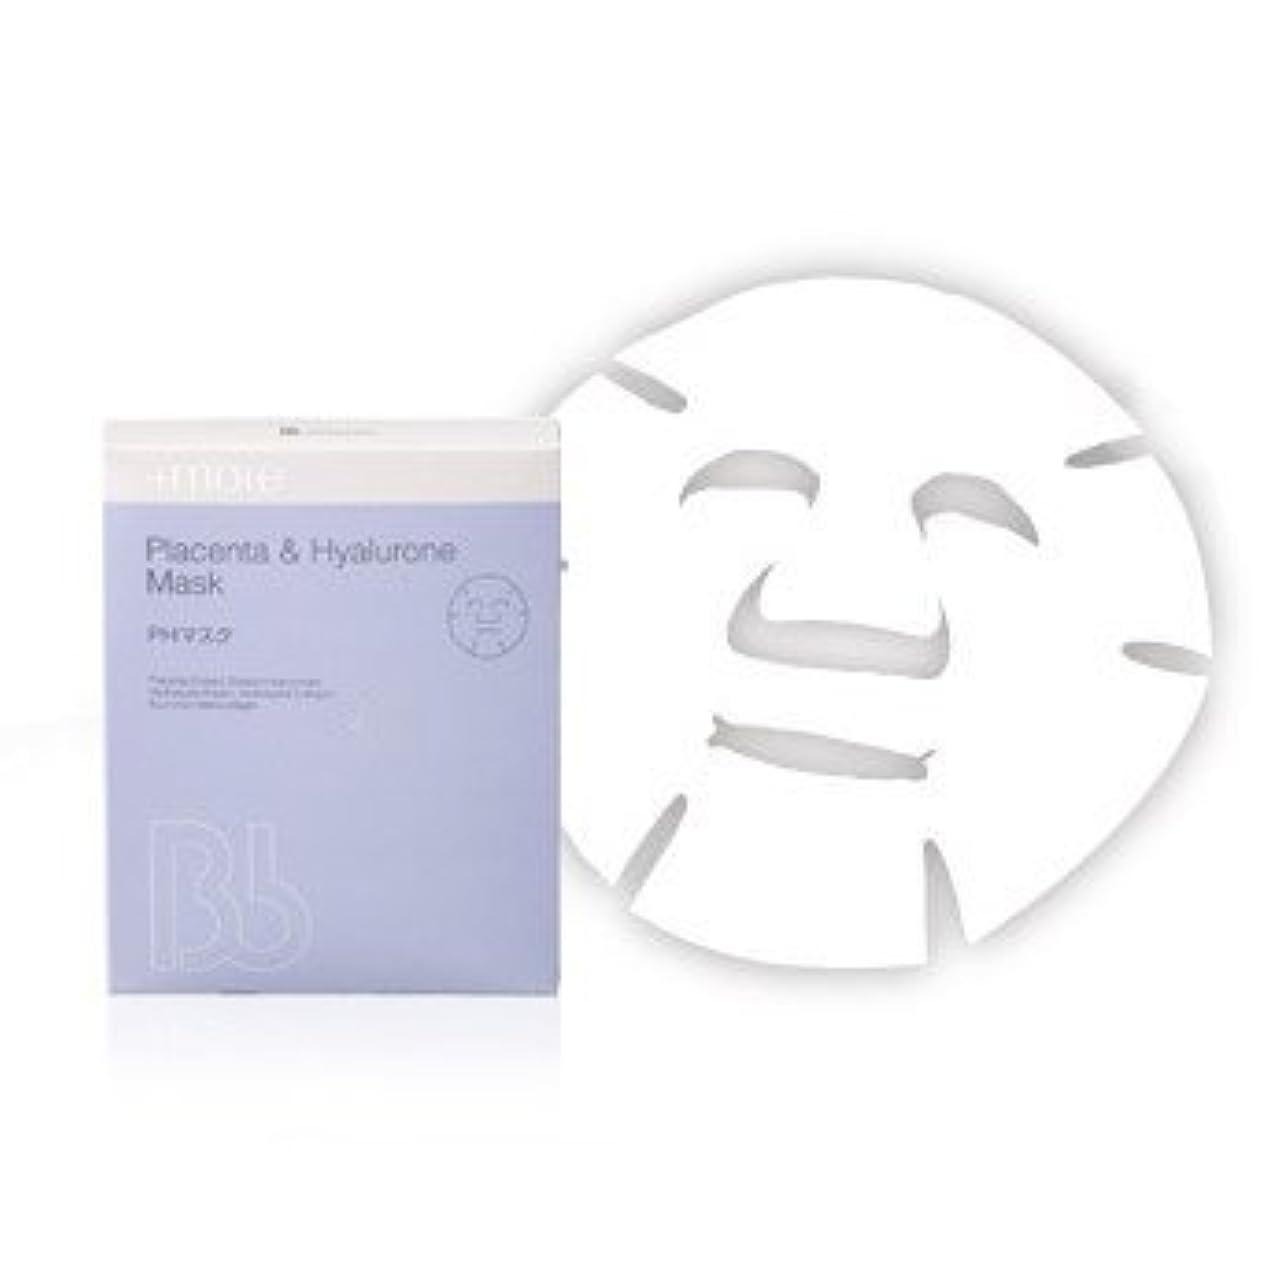 ジャンク適用する処分したBbラボラトリーズ プラセンタ ヒアルロンマスク PHマスク(パック) 30ml 4枚入り